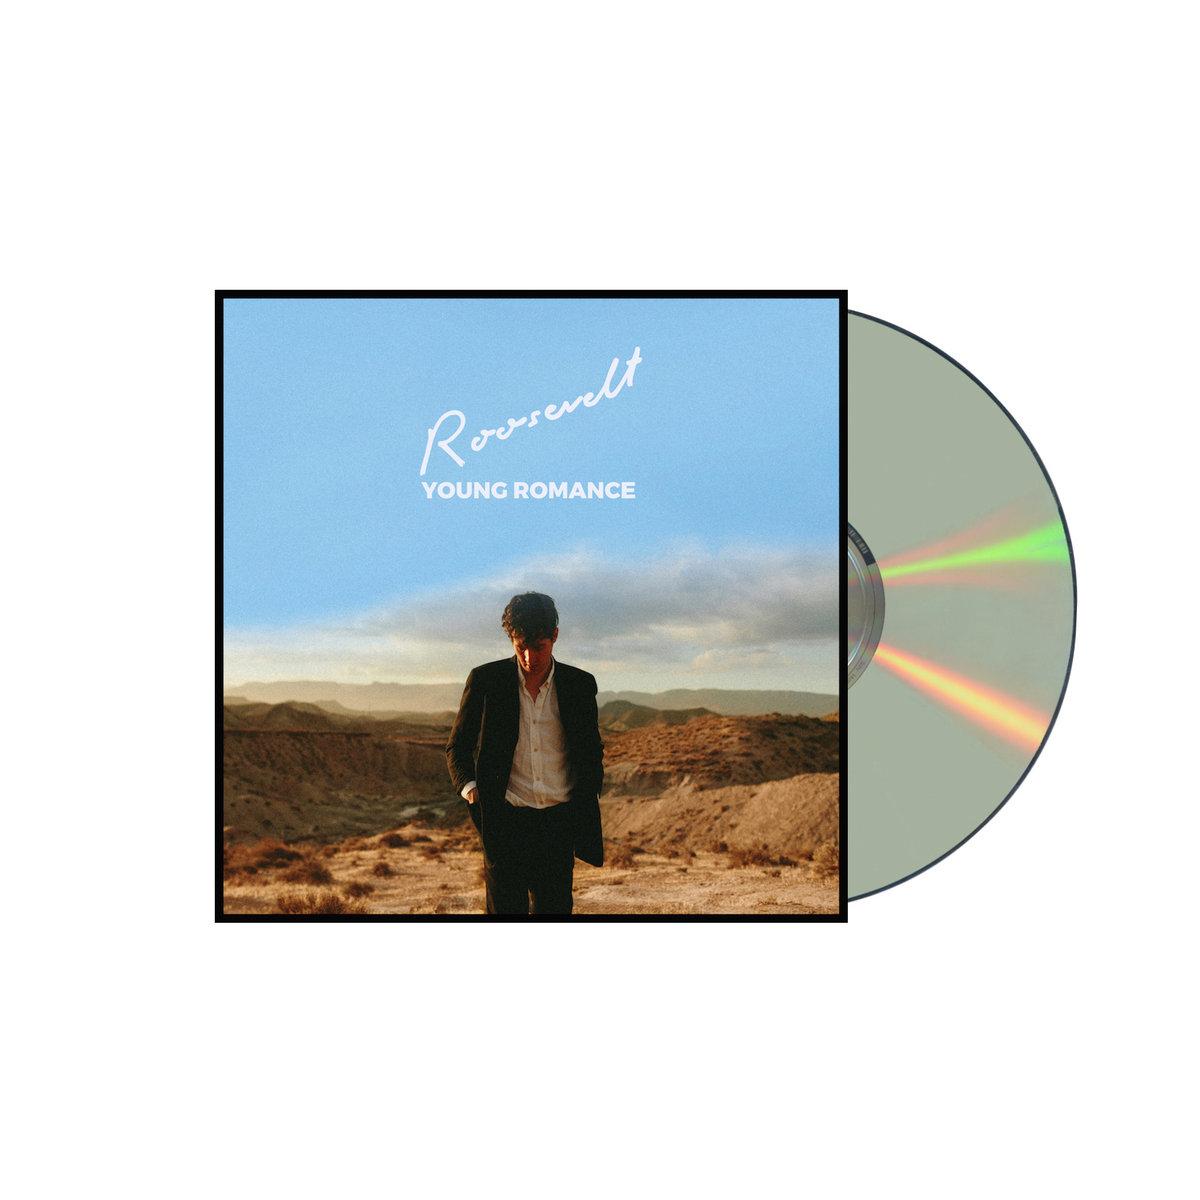 ROMANCIA TÉLÉCHARGER MP3